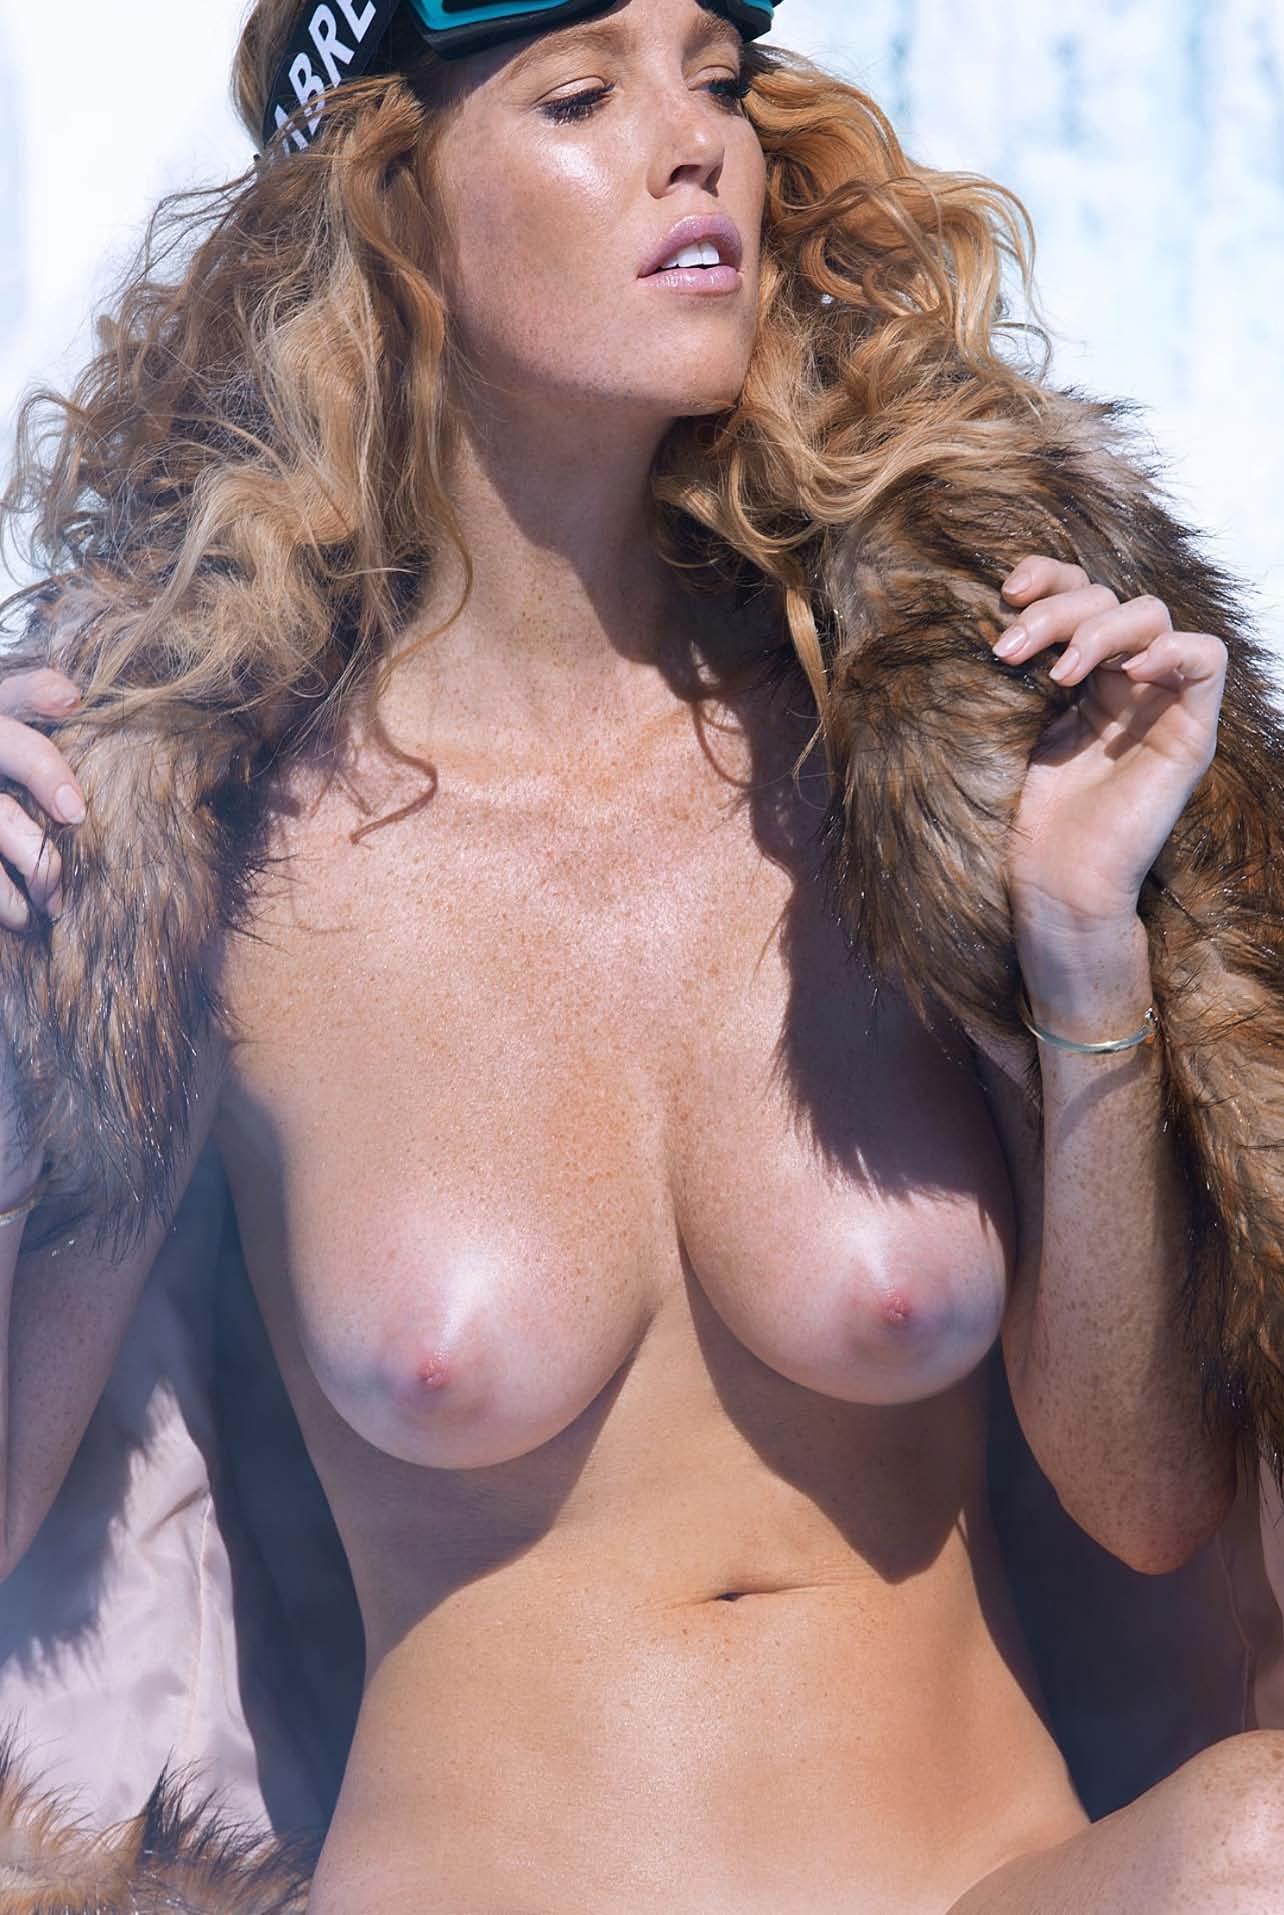 ruiva-linda-gostosa-demais-pelada-no-gelo-05